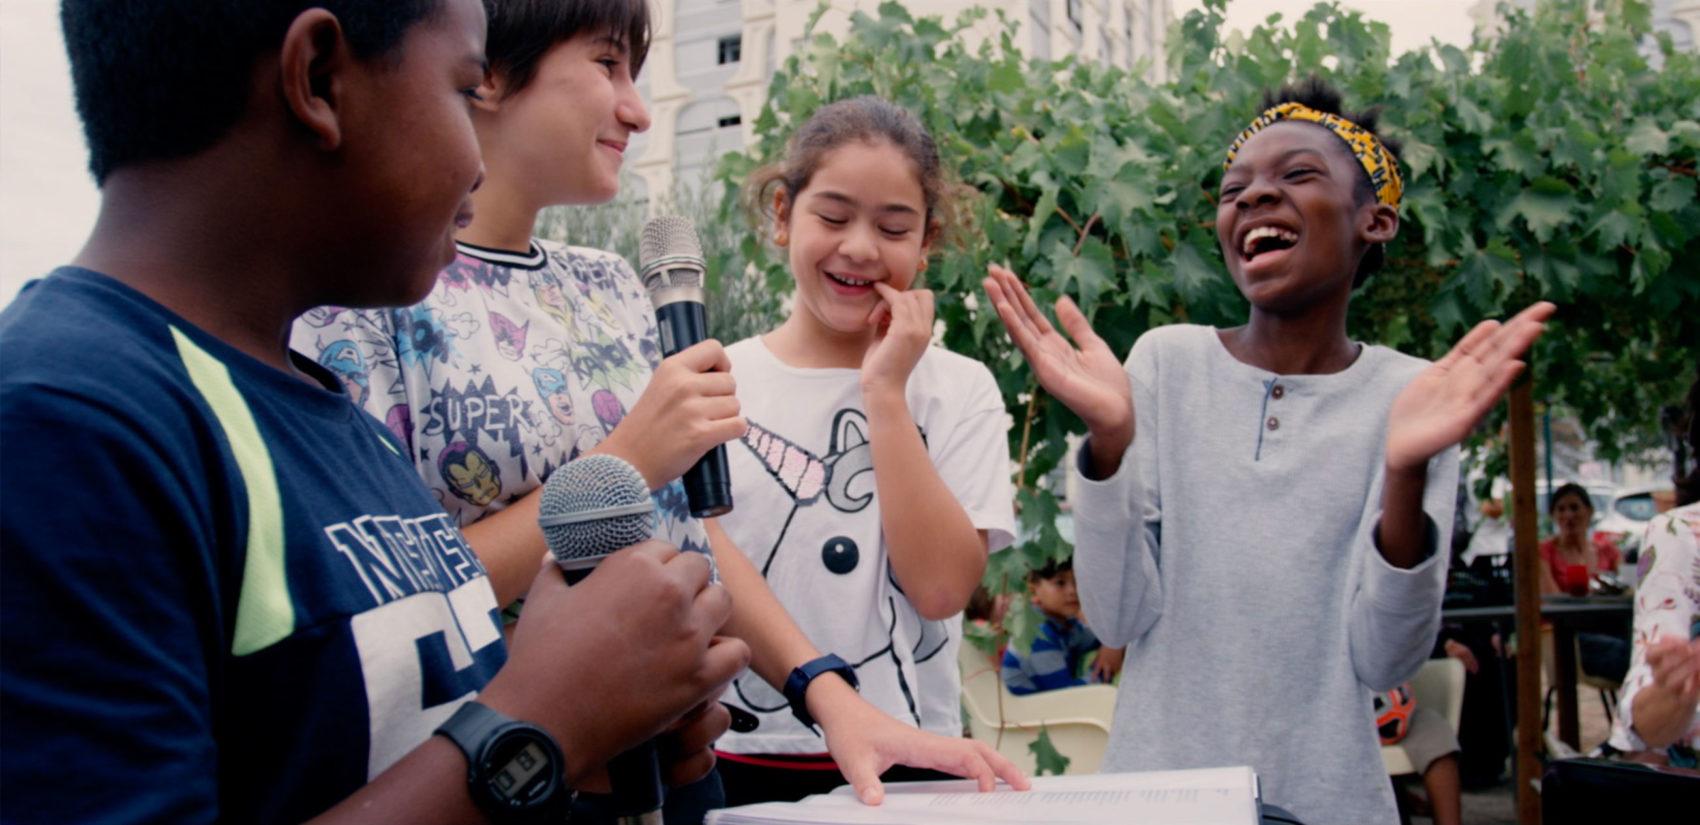 enfants chantent dans un quartier à Lyon